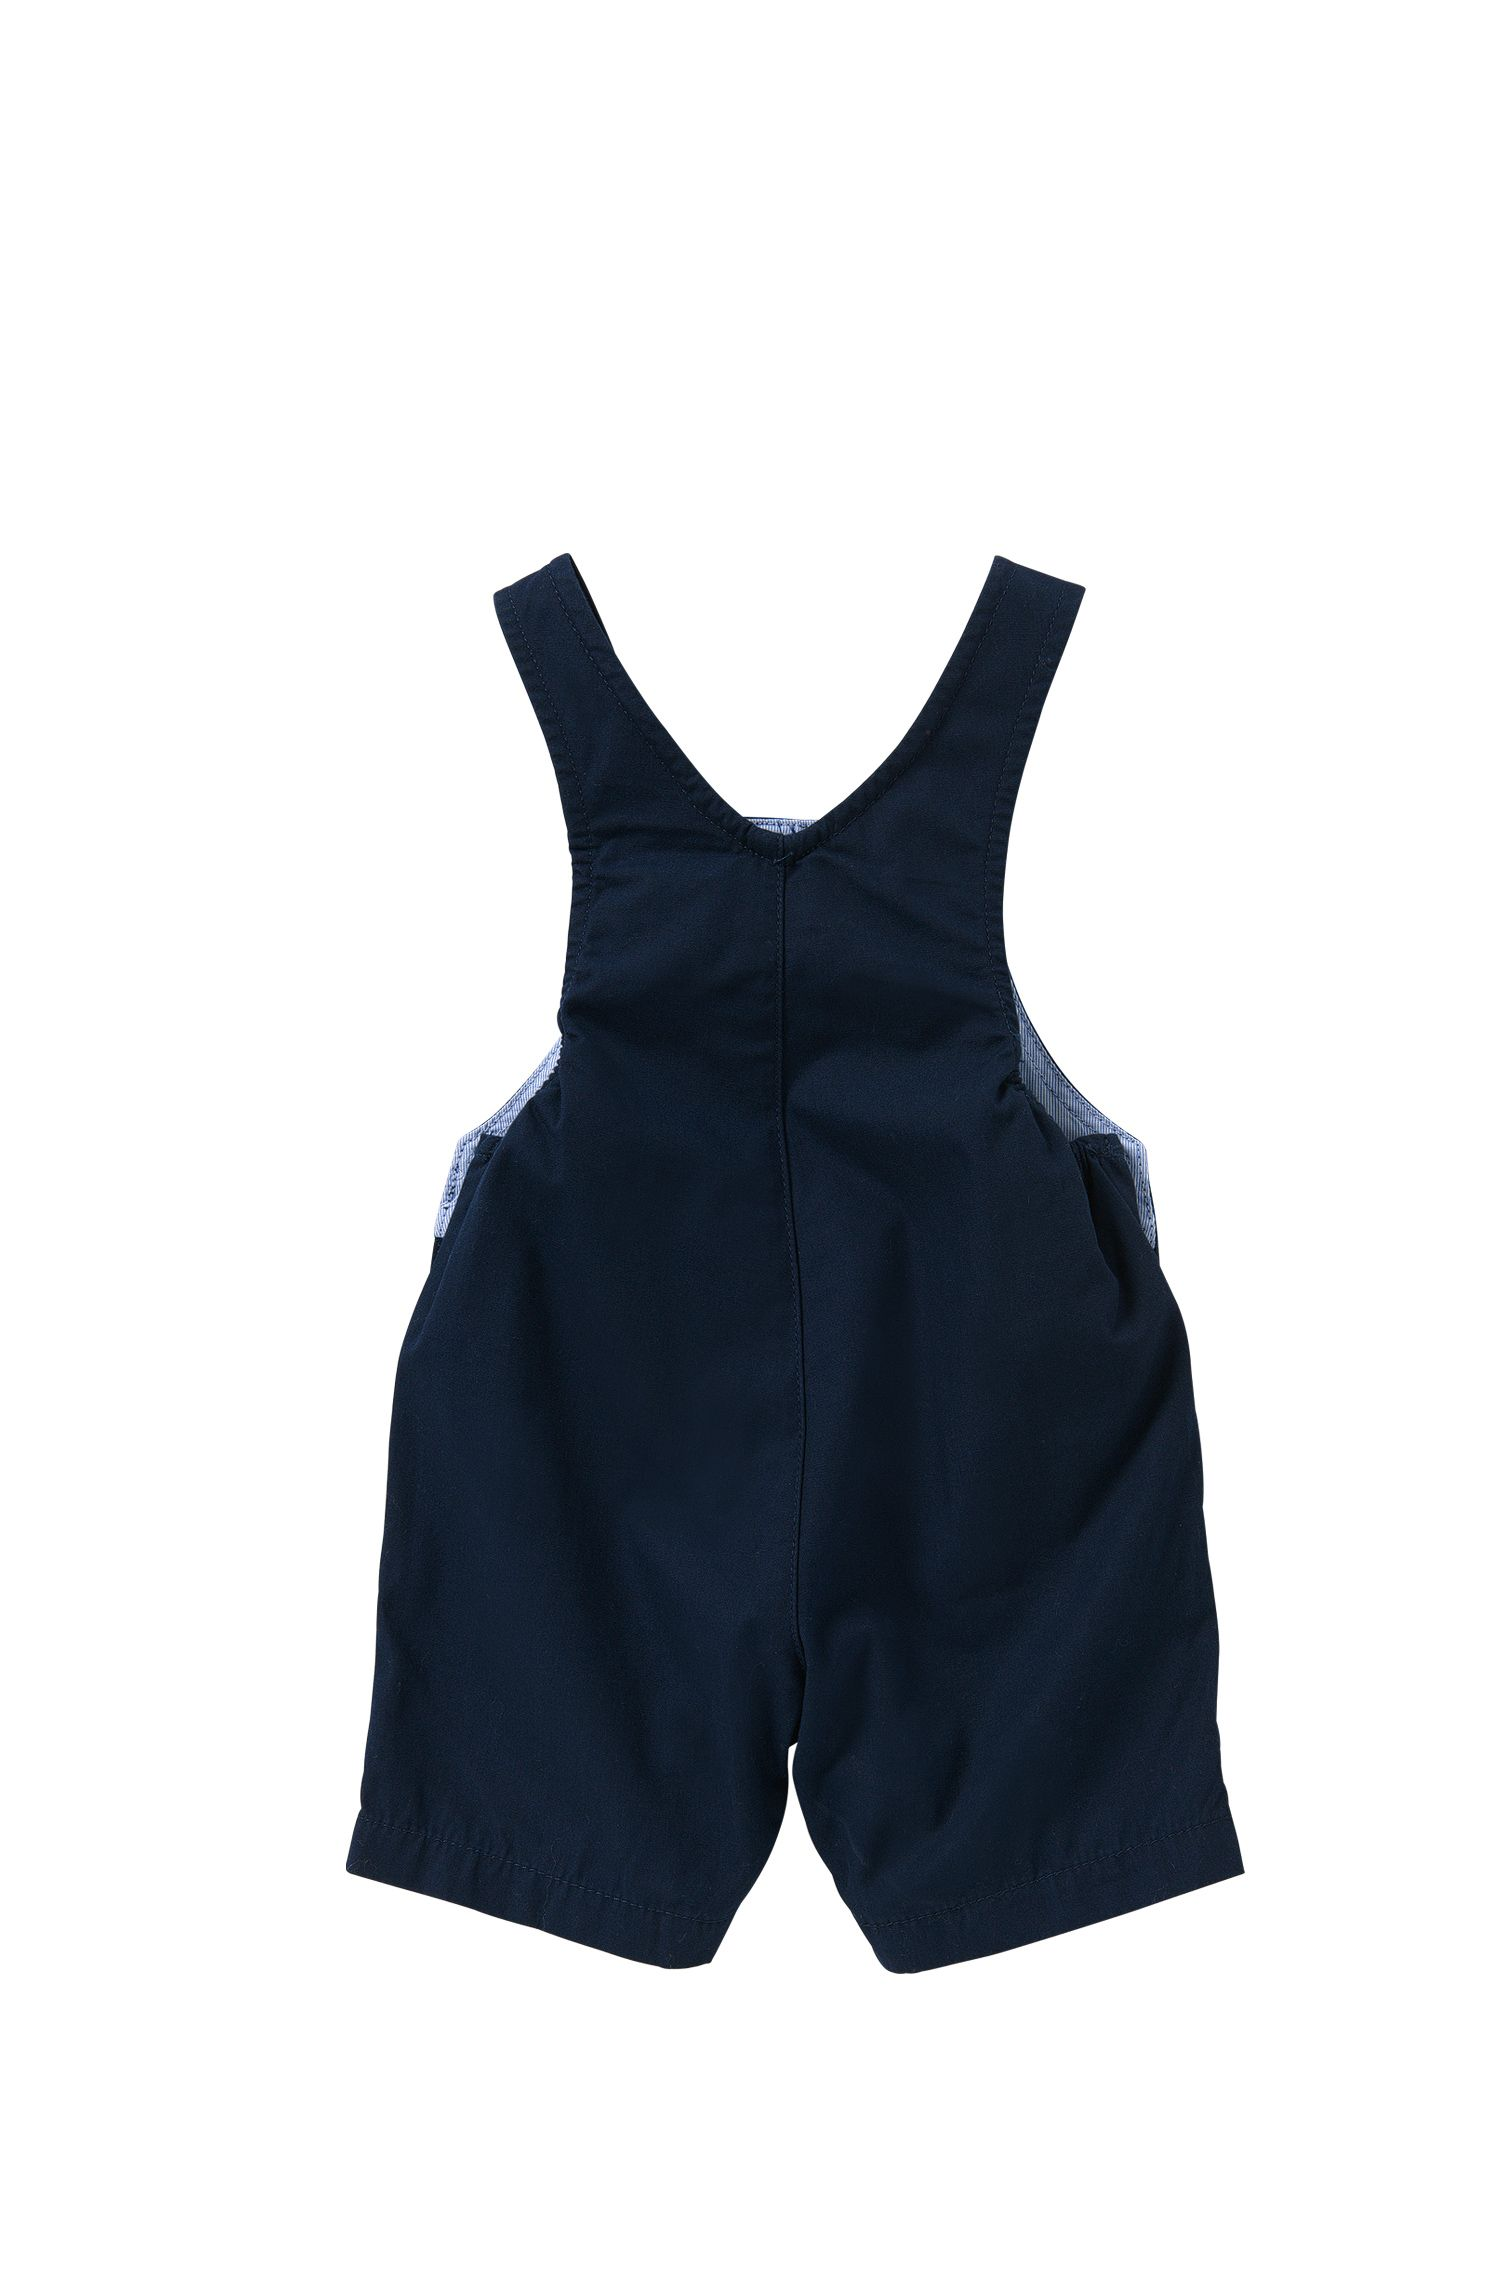 Baby-Latzshorts aus Baumwolle mit Druckknöpfen: 'J94156'